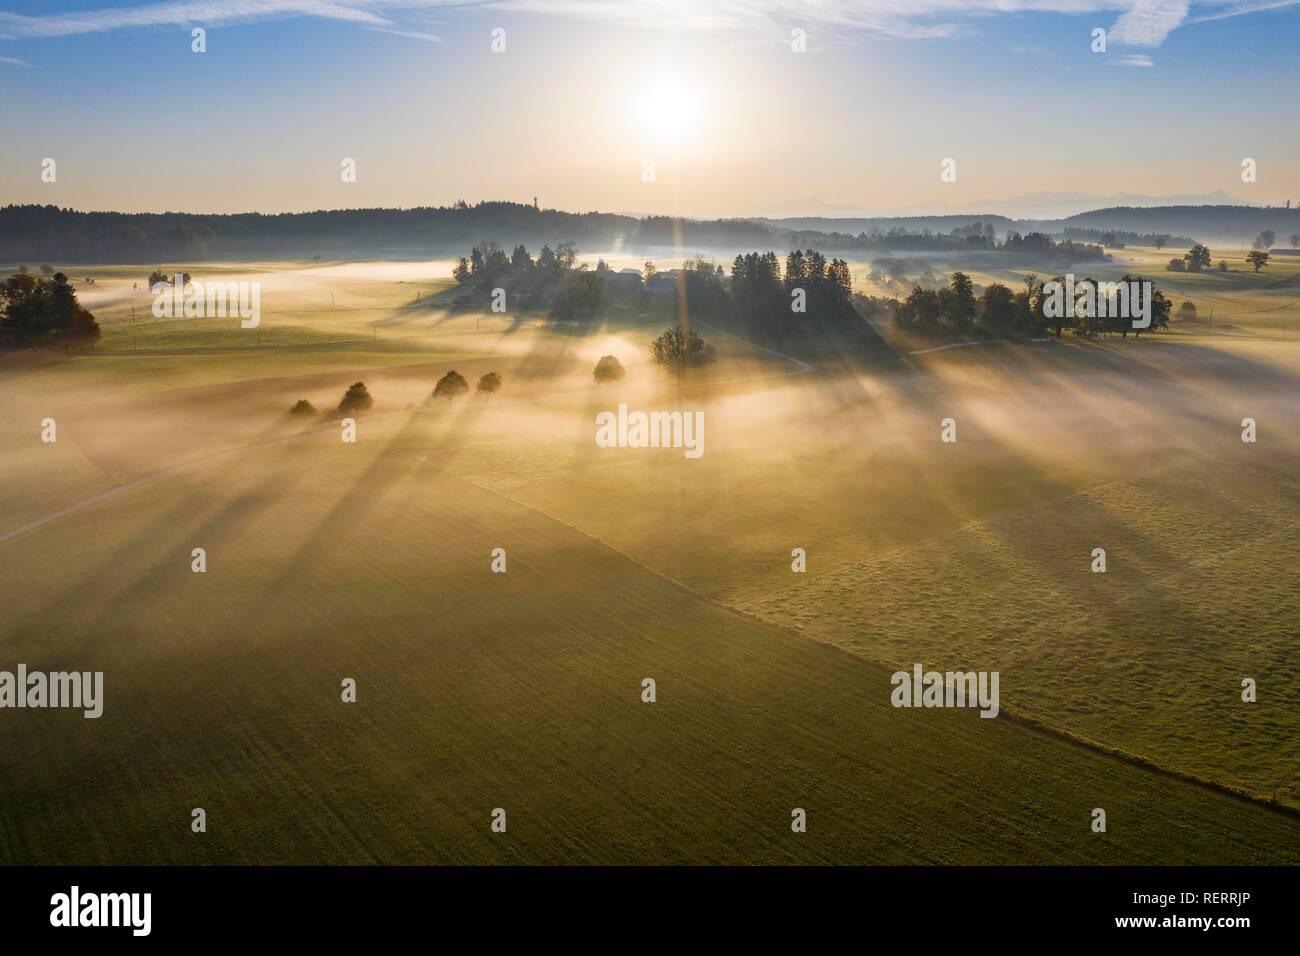 Bodennebel bei Sonnenaufgang, in der Nähe von Dietramszell, Drone, Tölzer Land, Alpenvorland, Oberbayern, Bayern, Deutschland Stockfoto